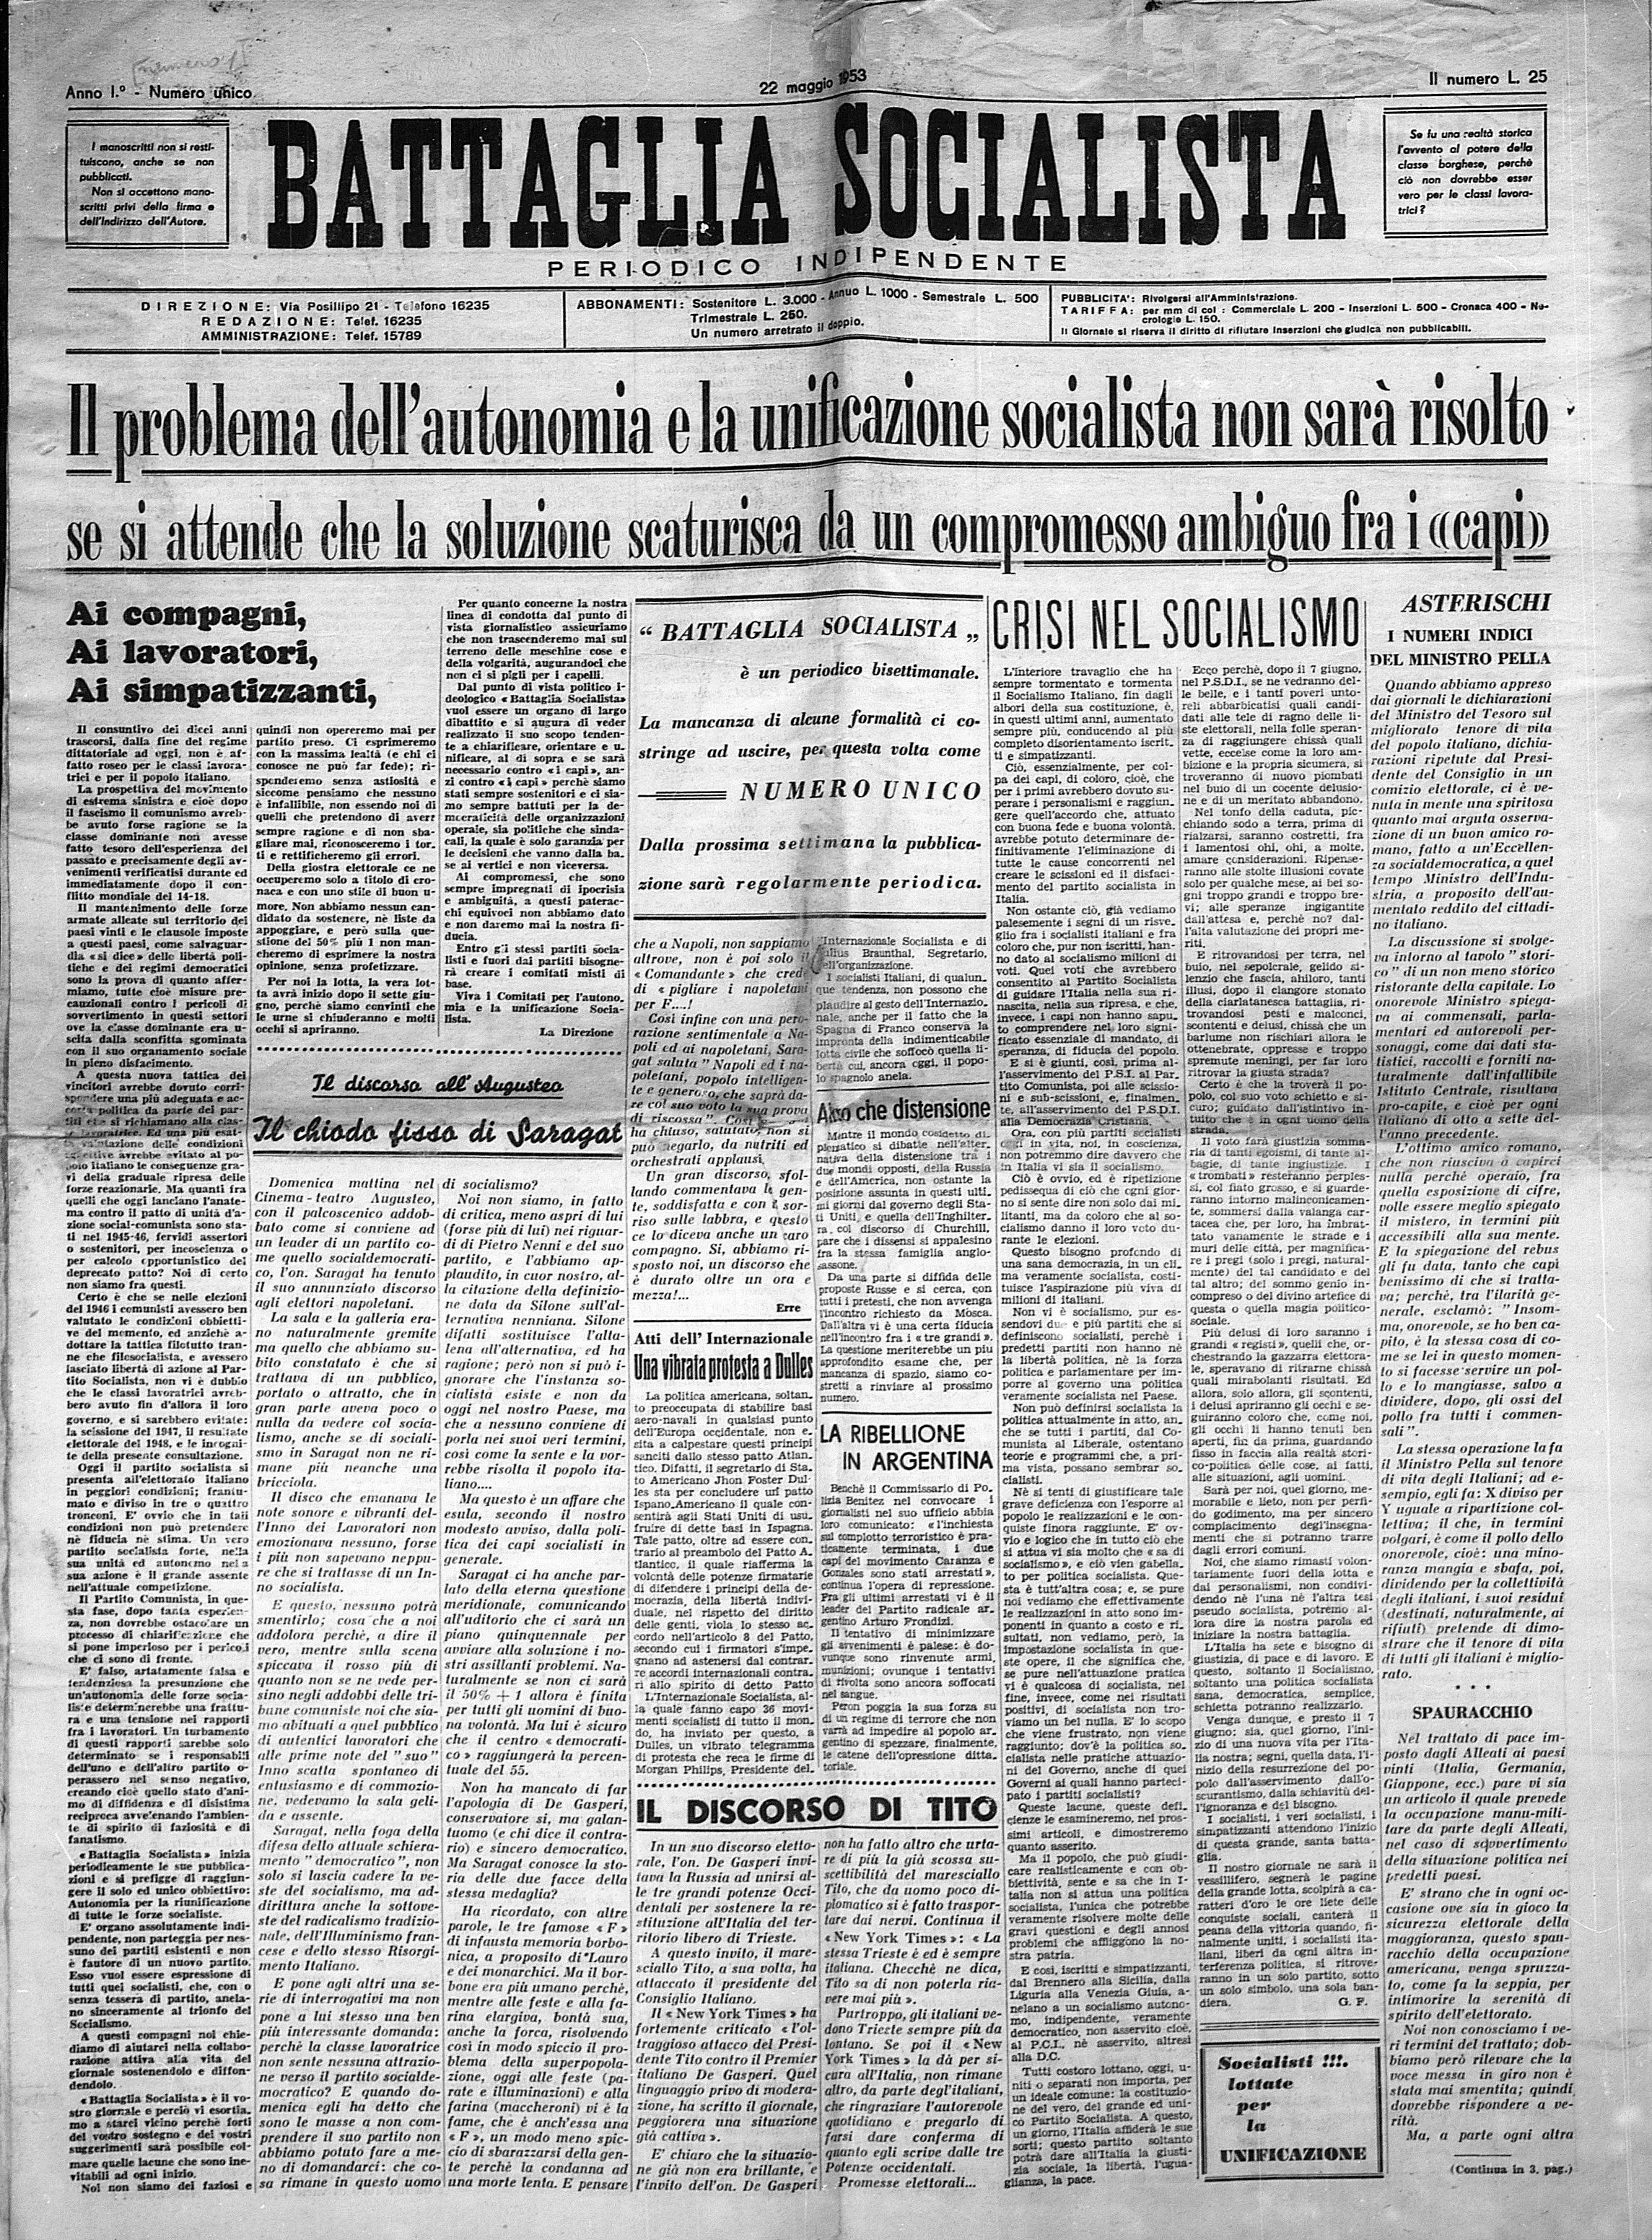 Battaglia Socialista n. 1 - pag 01